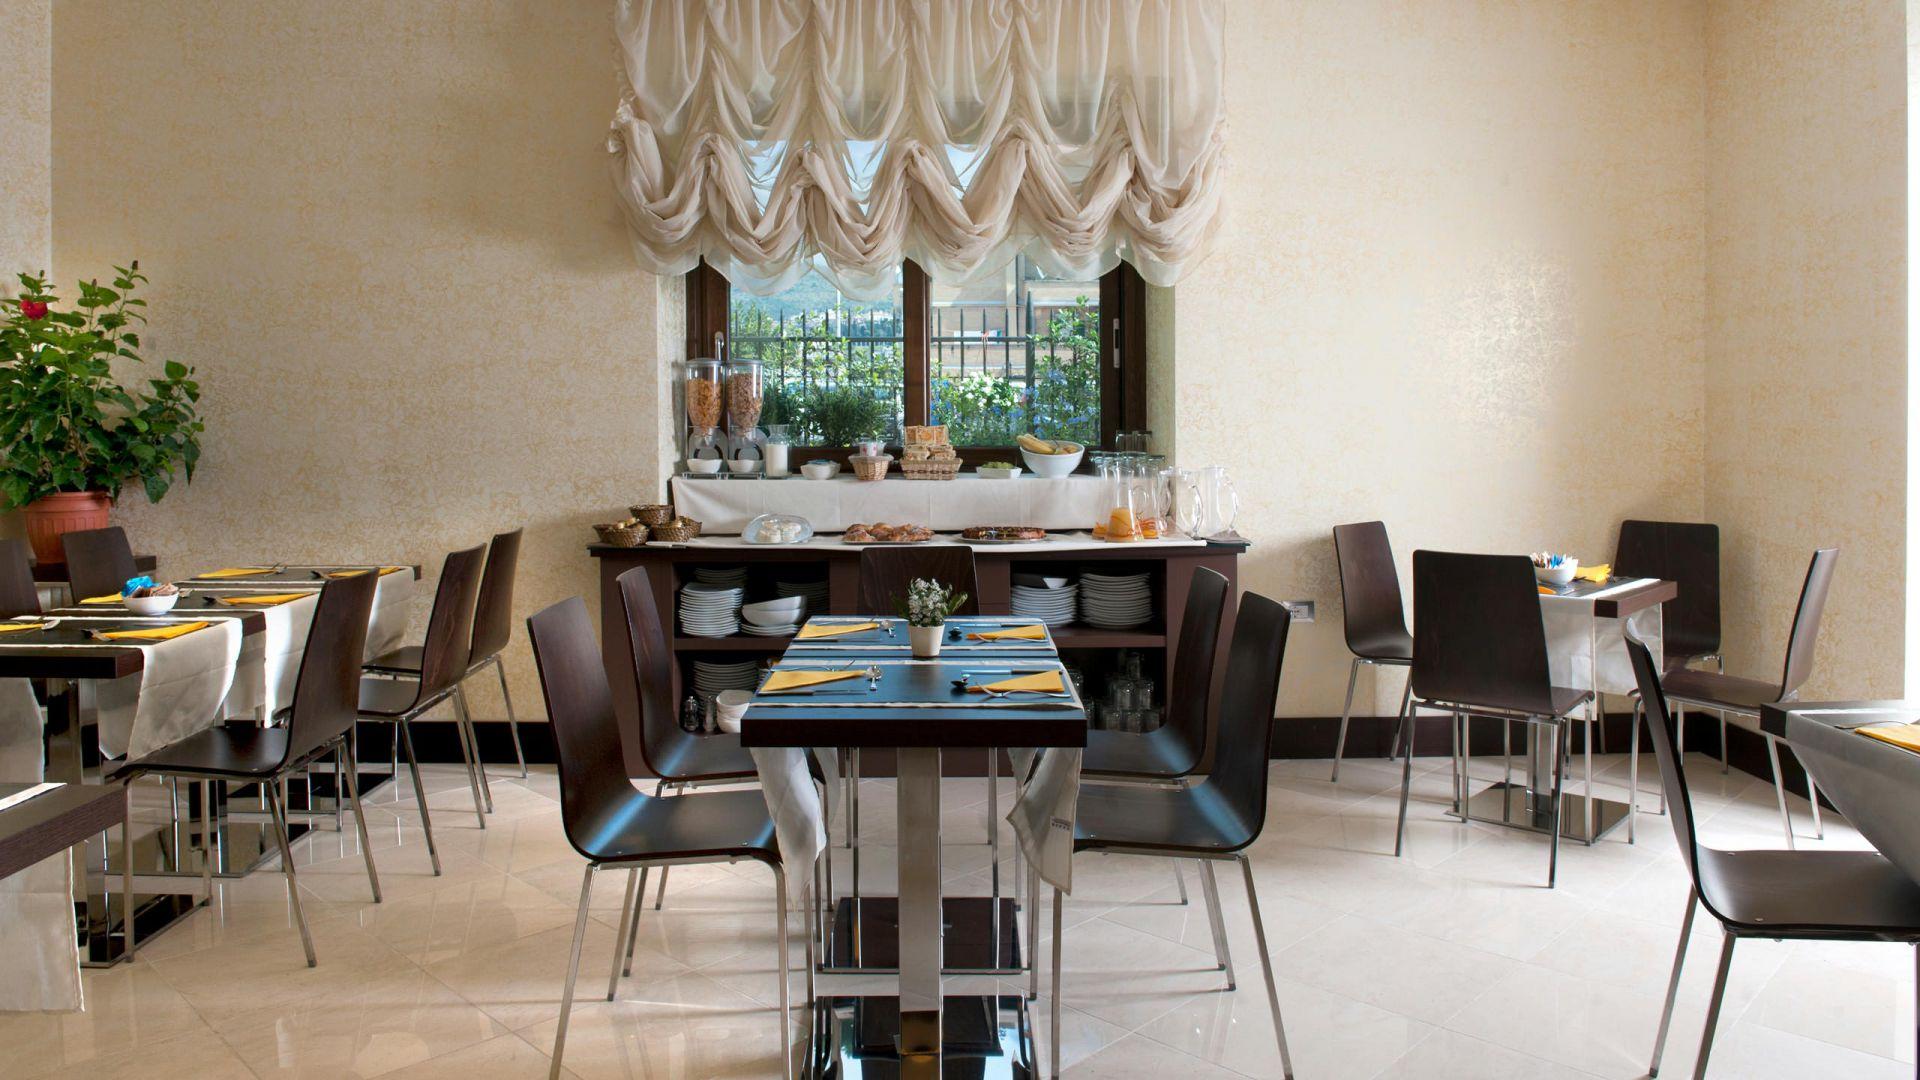 oc-hotel-villa-adriana-aree-comuni-004